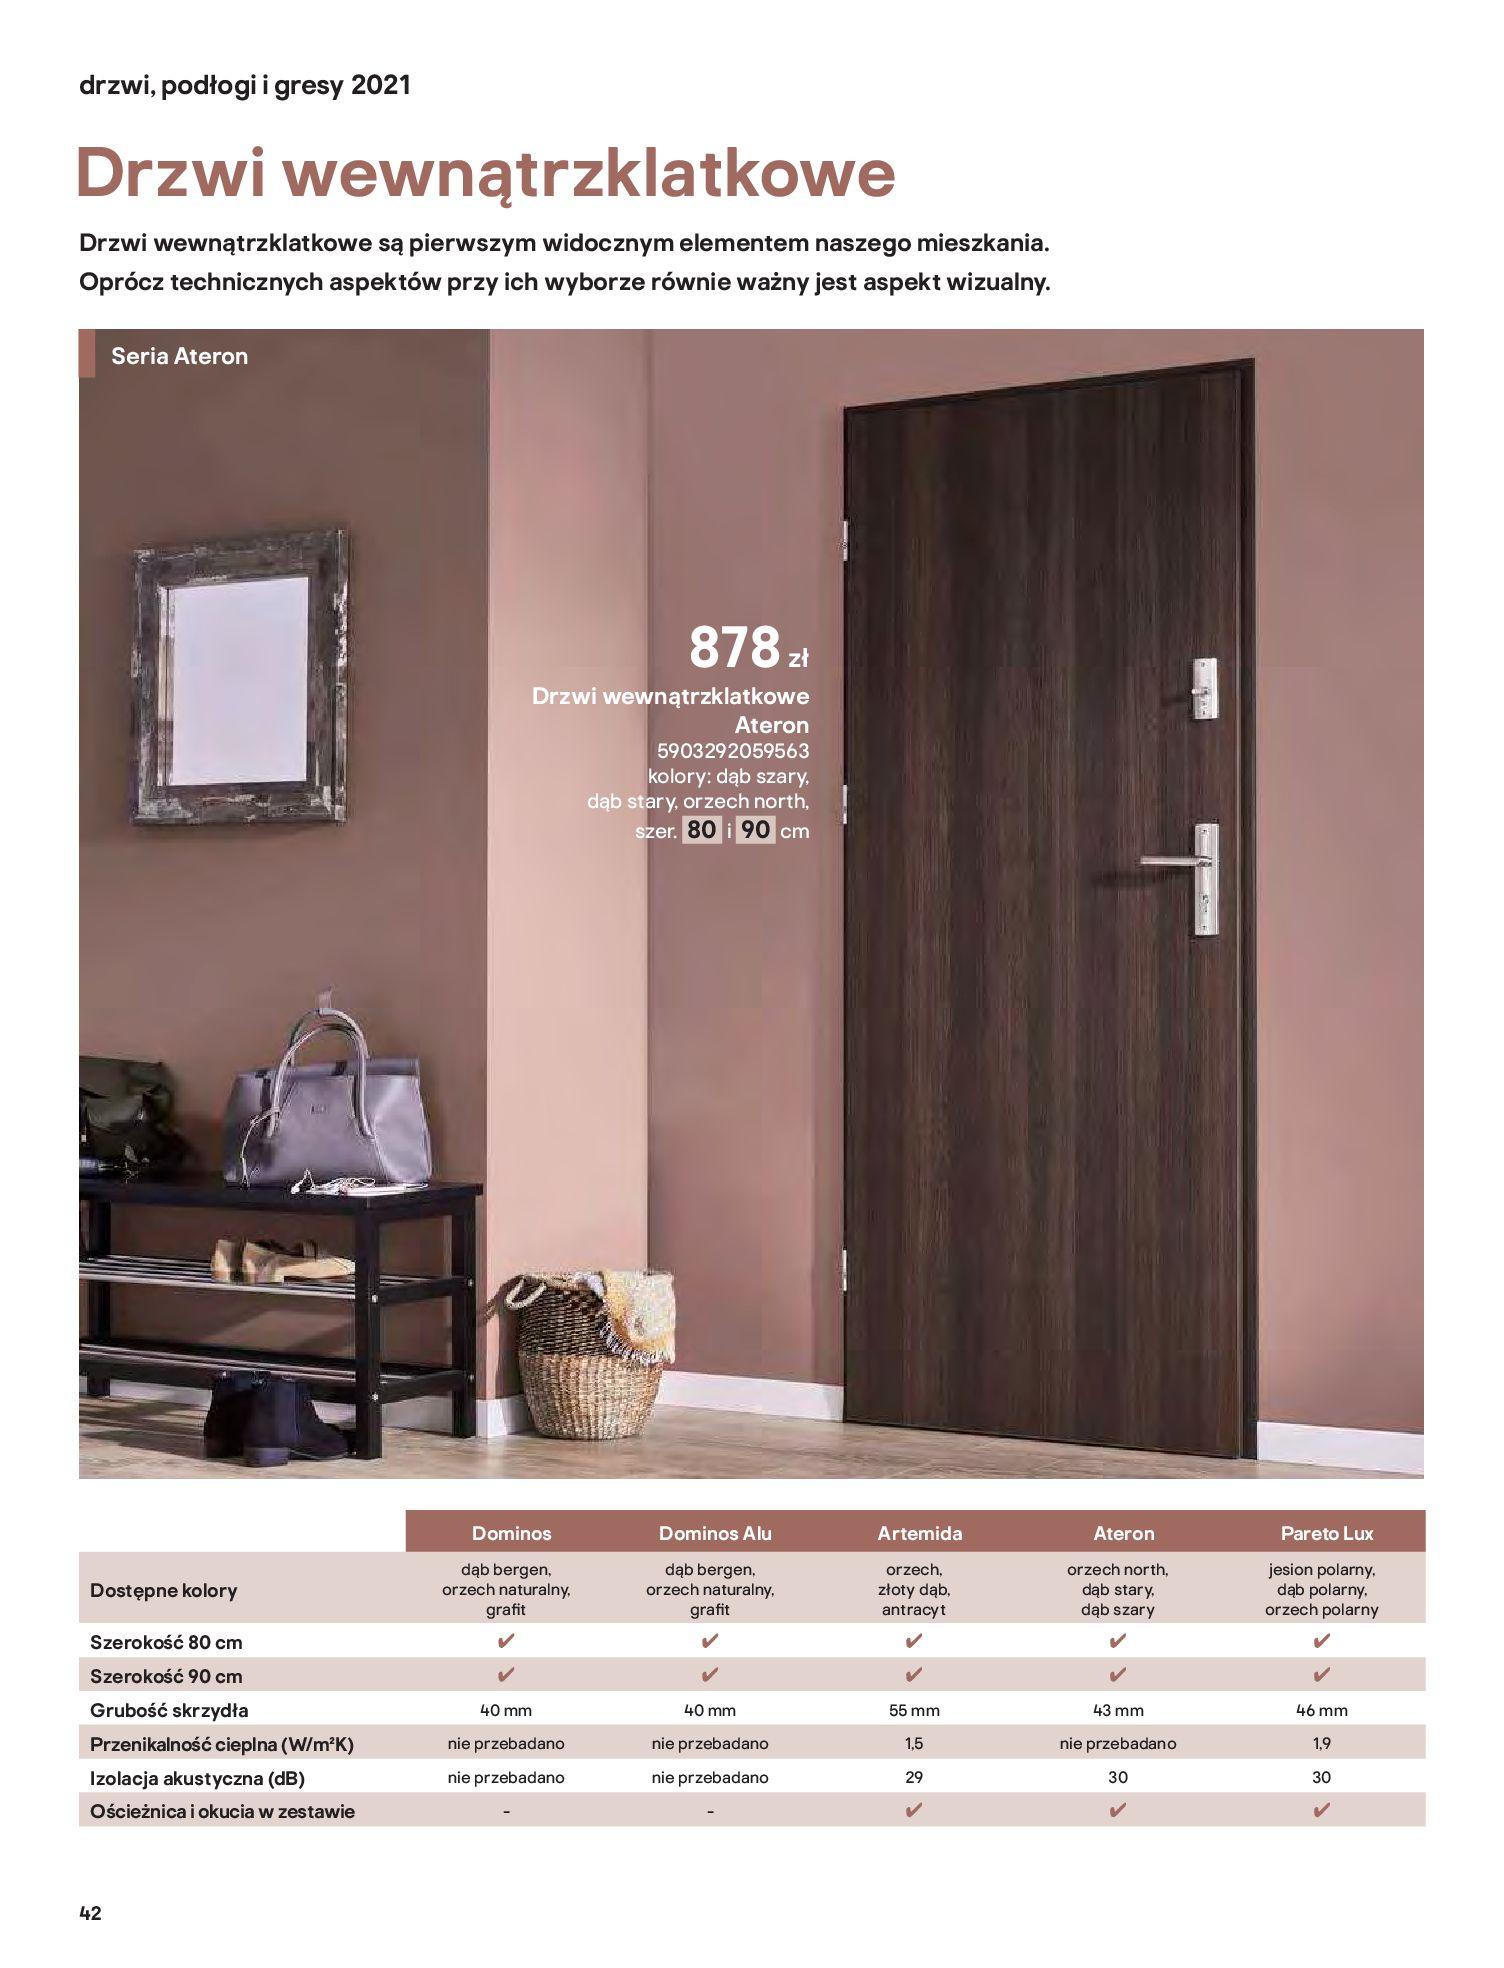 Gazetka Castorama: Gazetka Castorama - Przewodnik drzwi i podłogi 2021 2021-08-11 page-42